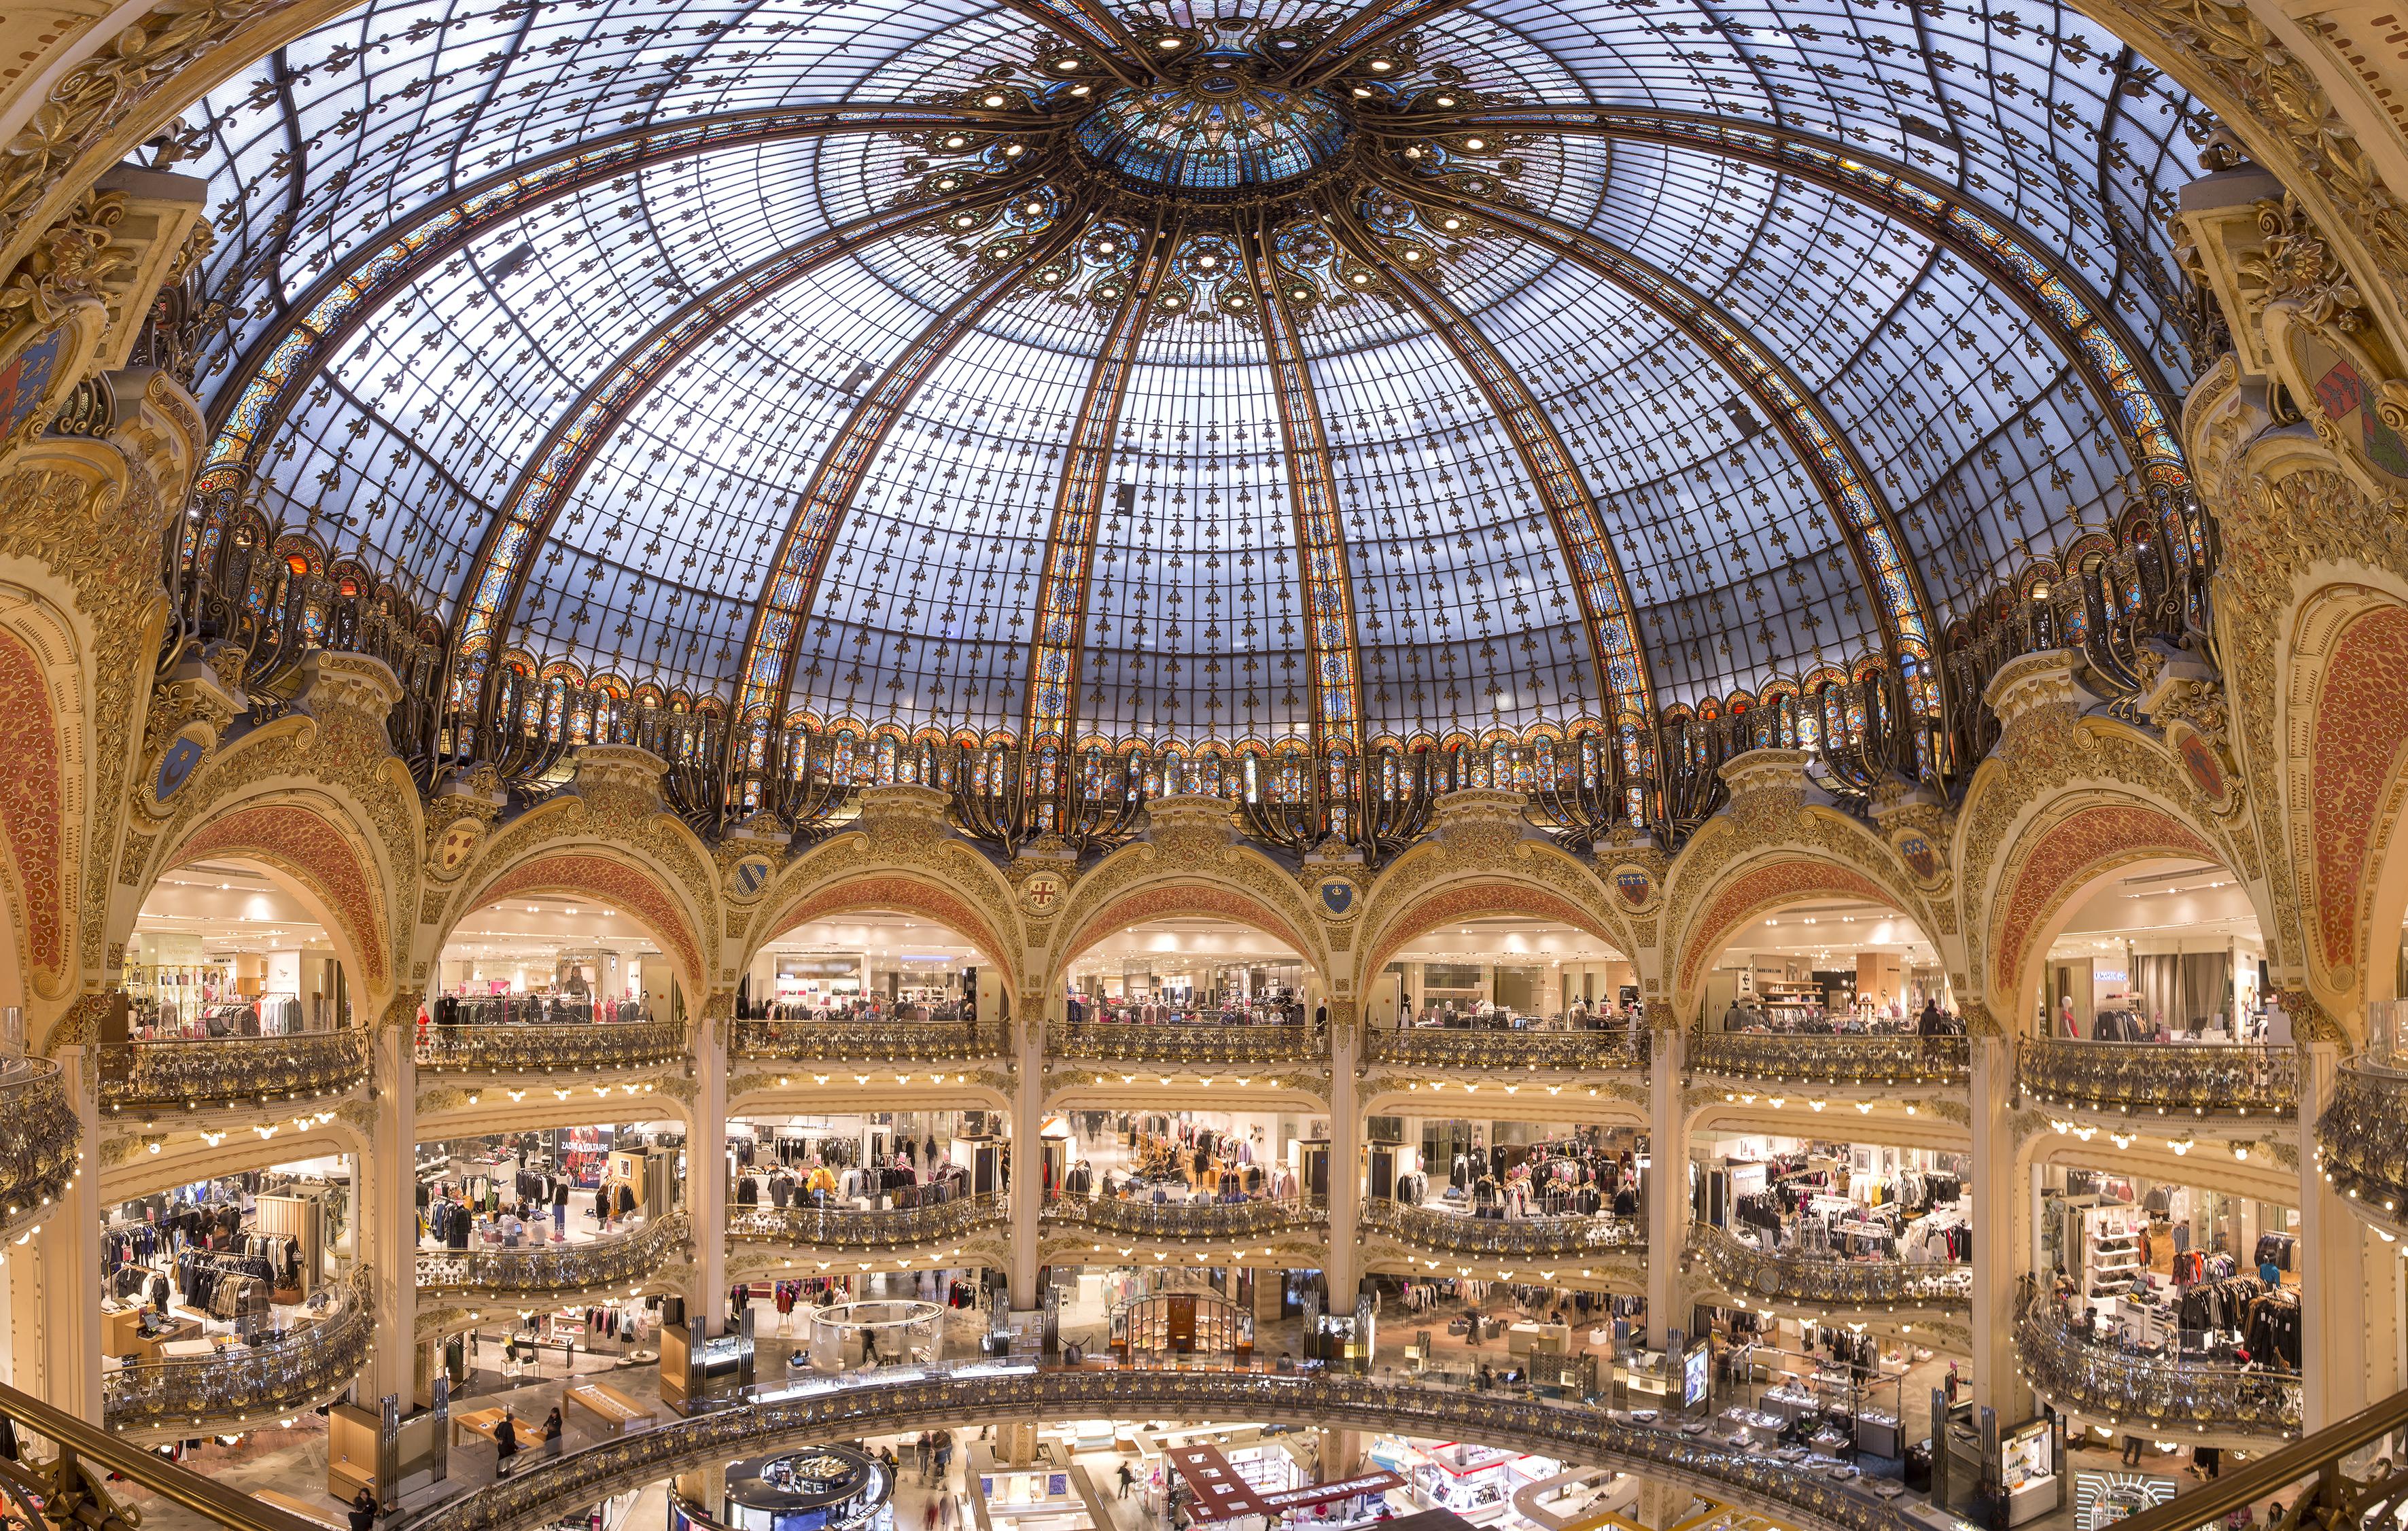 Galeries Lafayette Haussmann%252C la coupole%252C Paris 2016. A. Clemenza%252FGaleries Lafayette